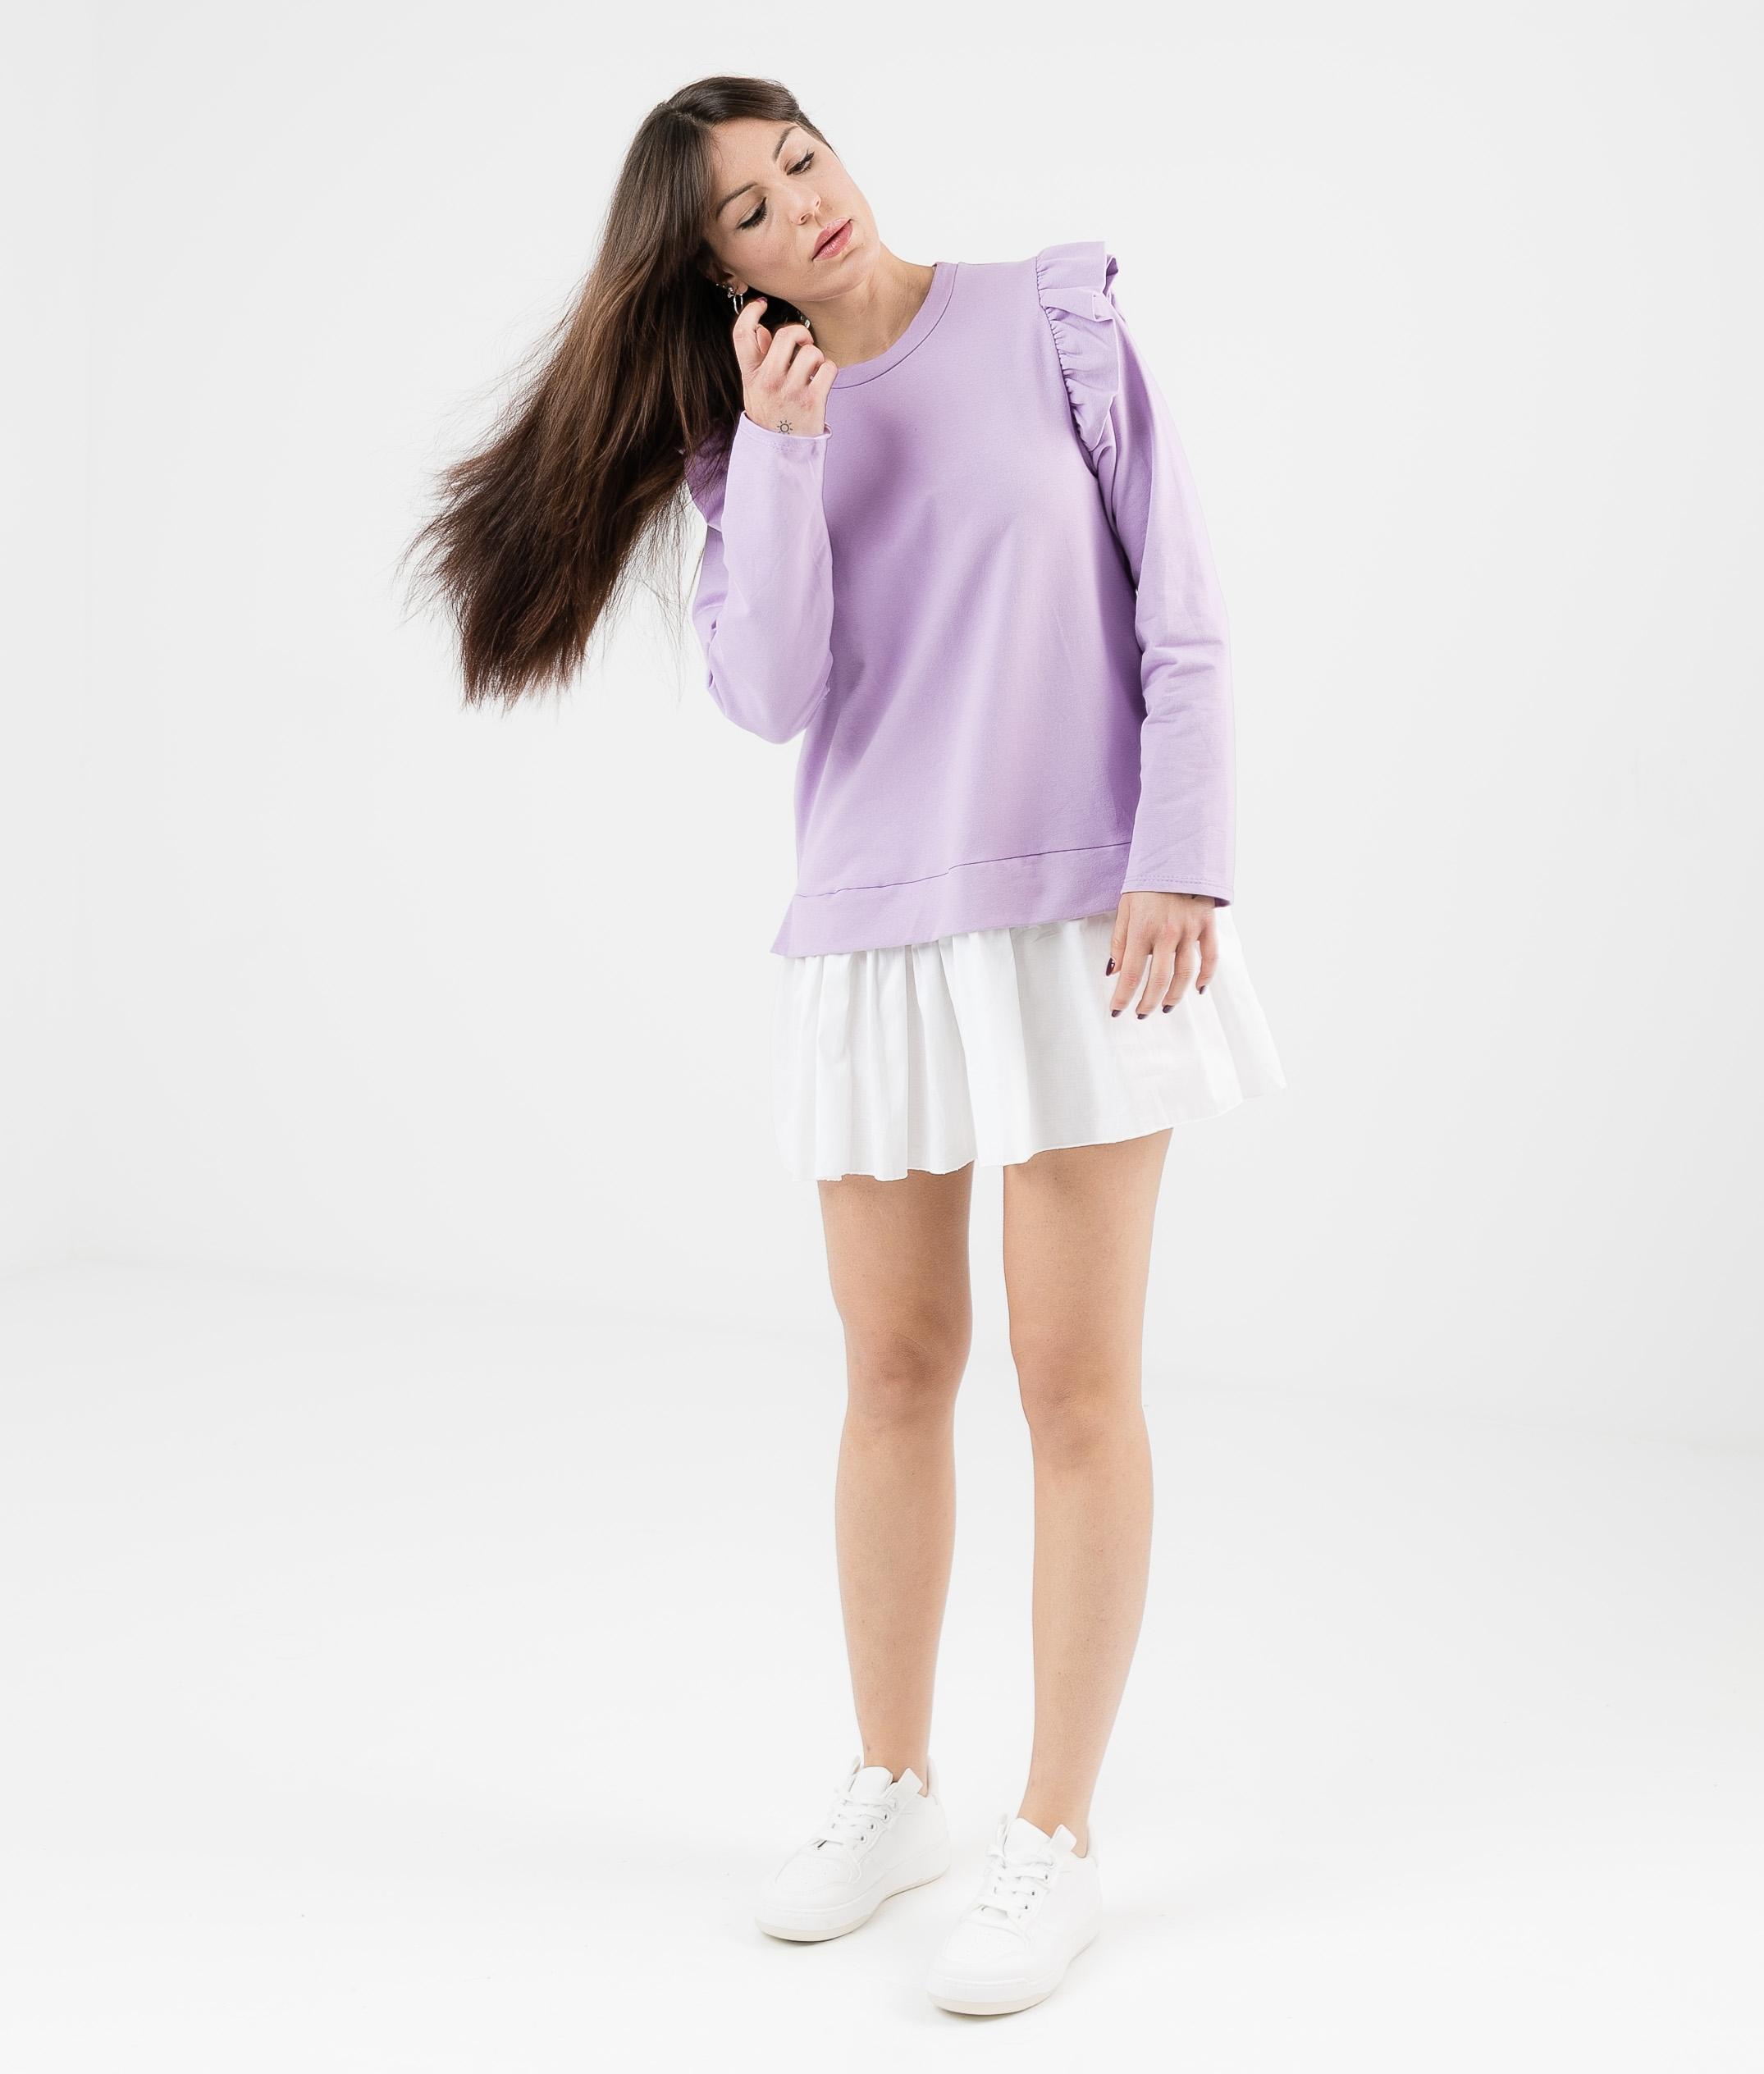 KATPUM DRESS - PURPLE